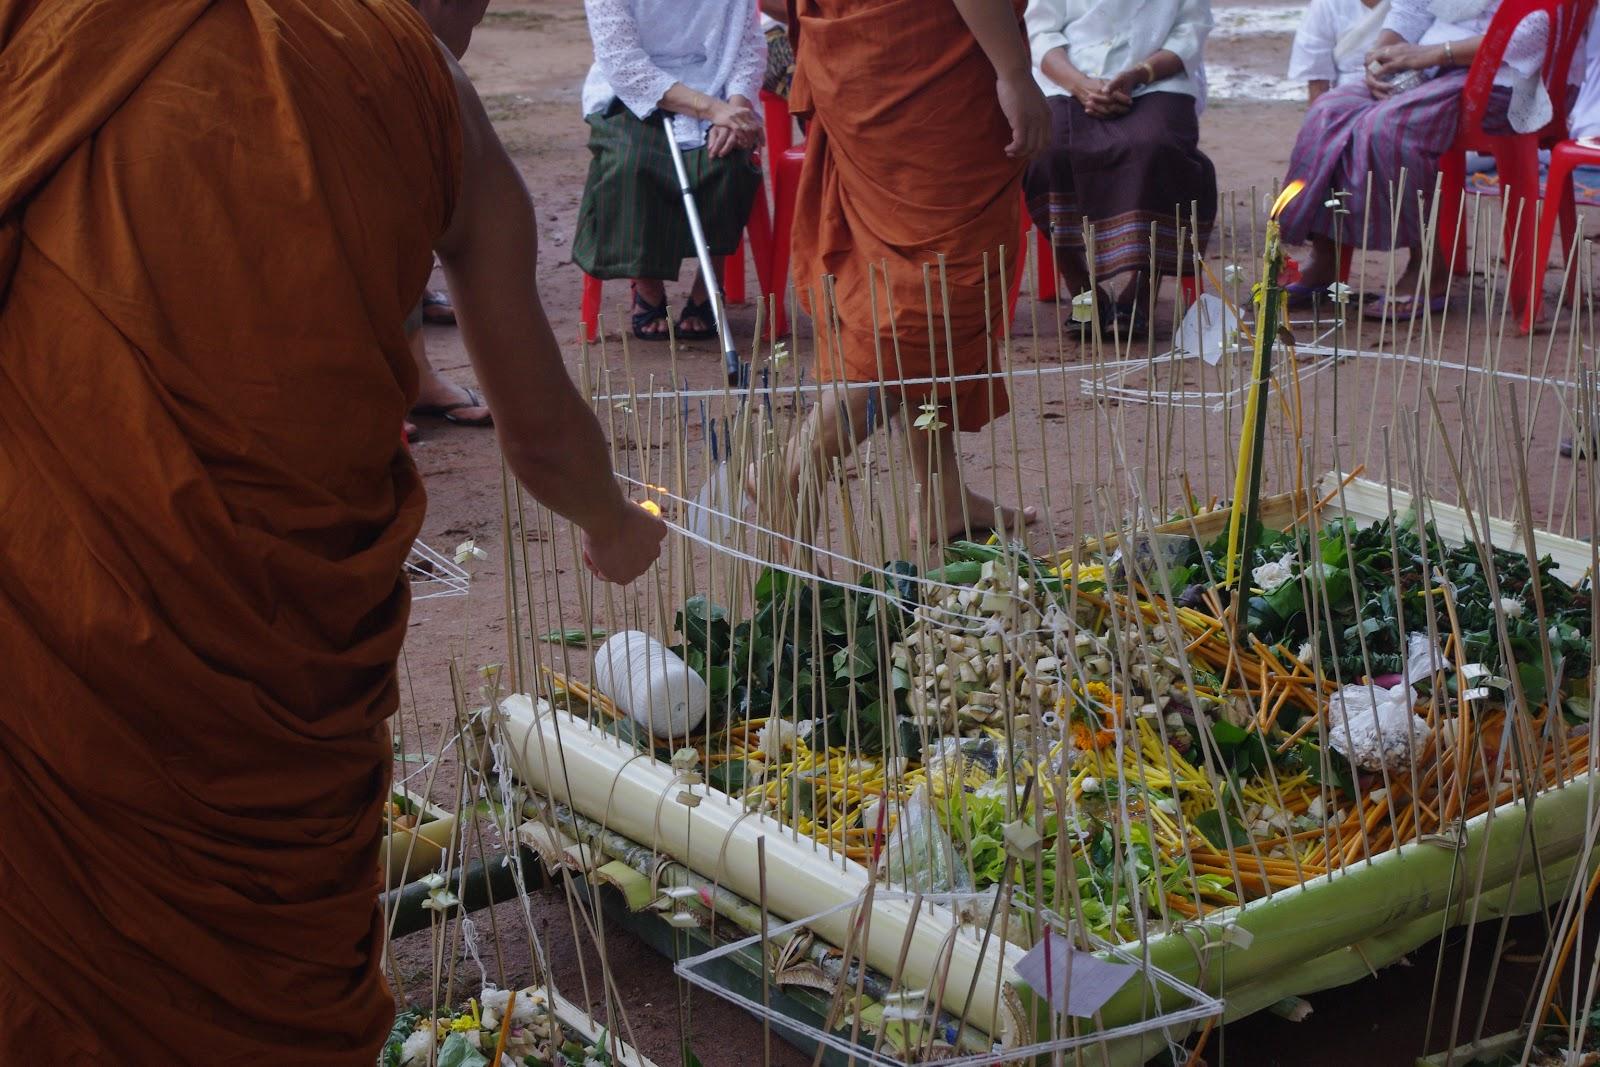 タイの人びと、タイの街角